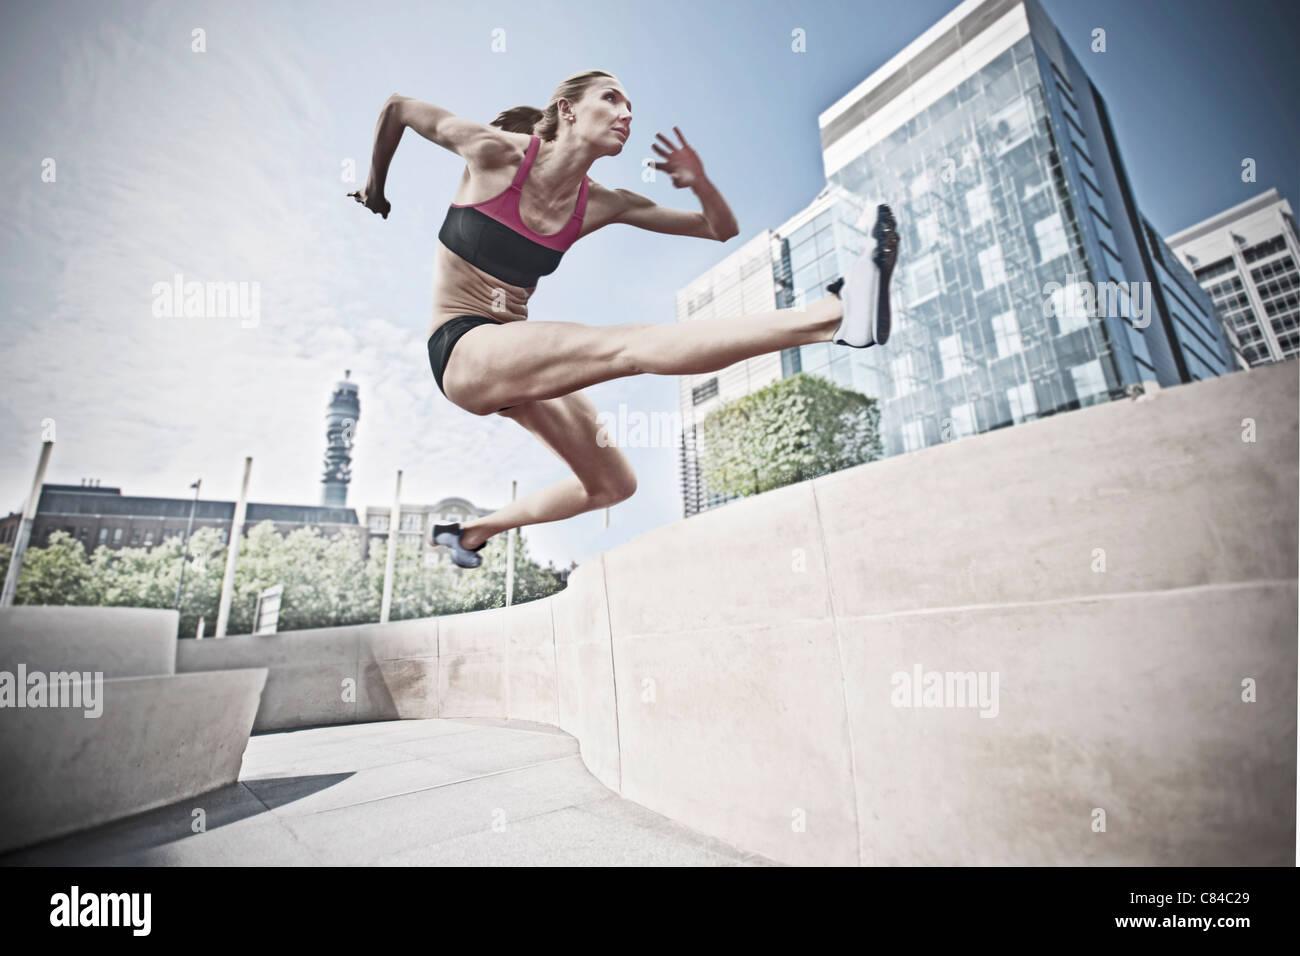 Athleten springen über Skulptur im öffentlichen Raum Stockbild